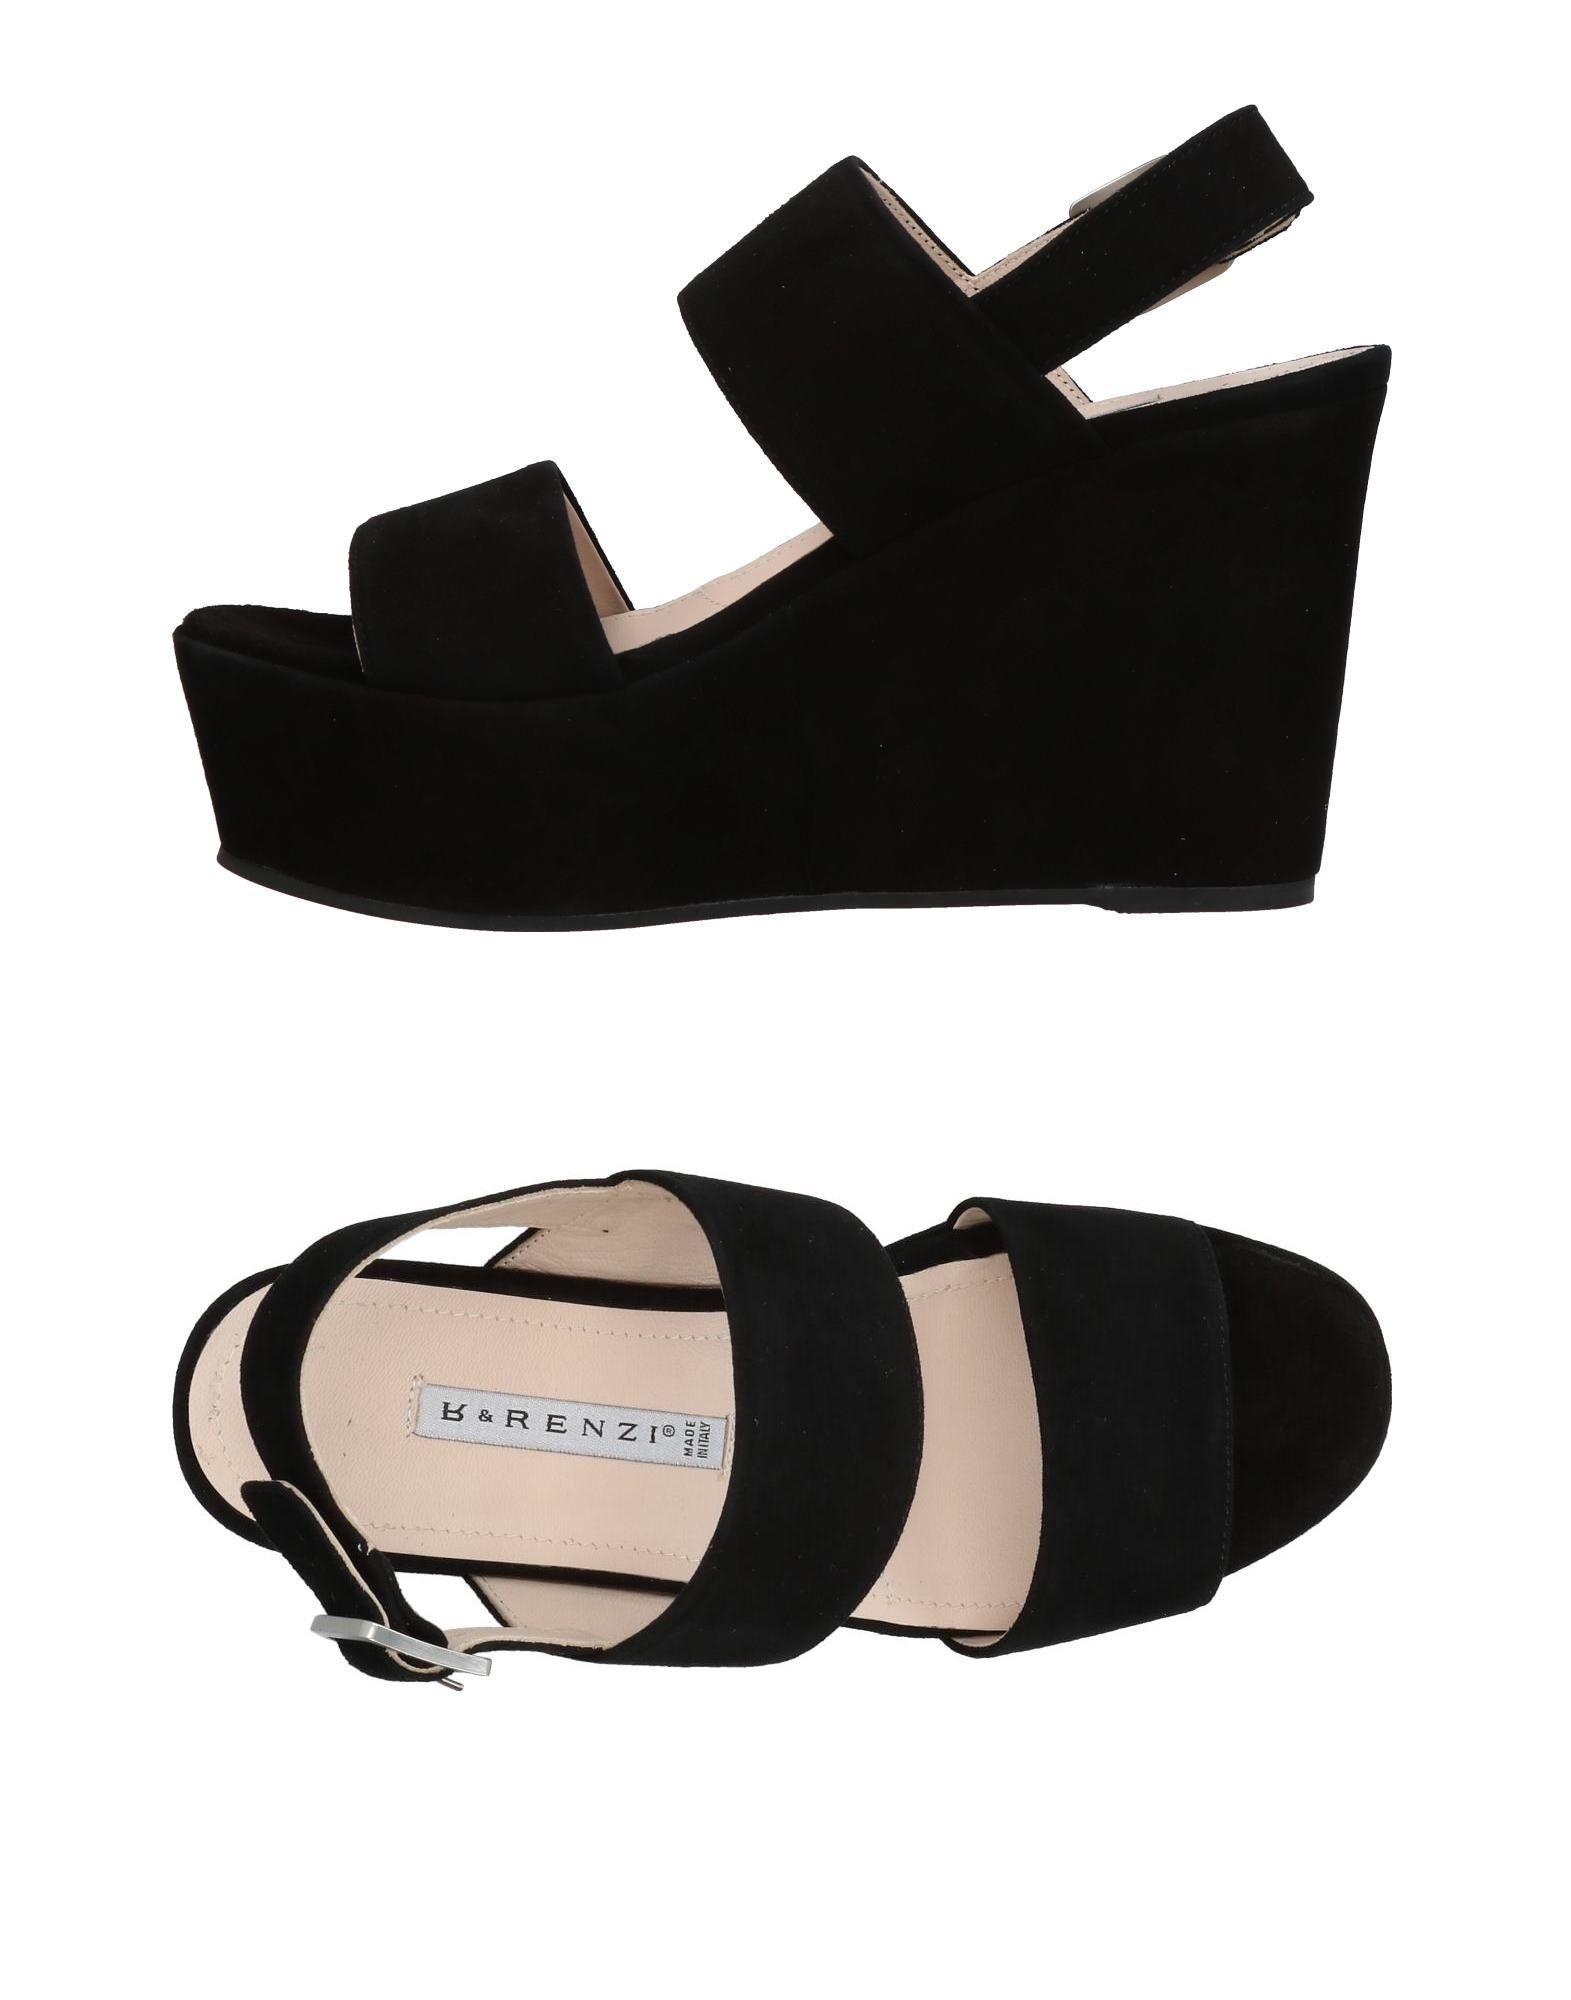 R&Renzi Sandalen Damen  11338032AK Gute Qualität beliebte Schuhe